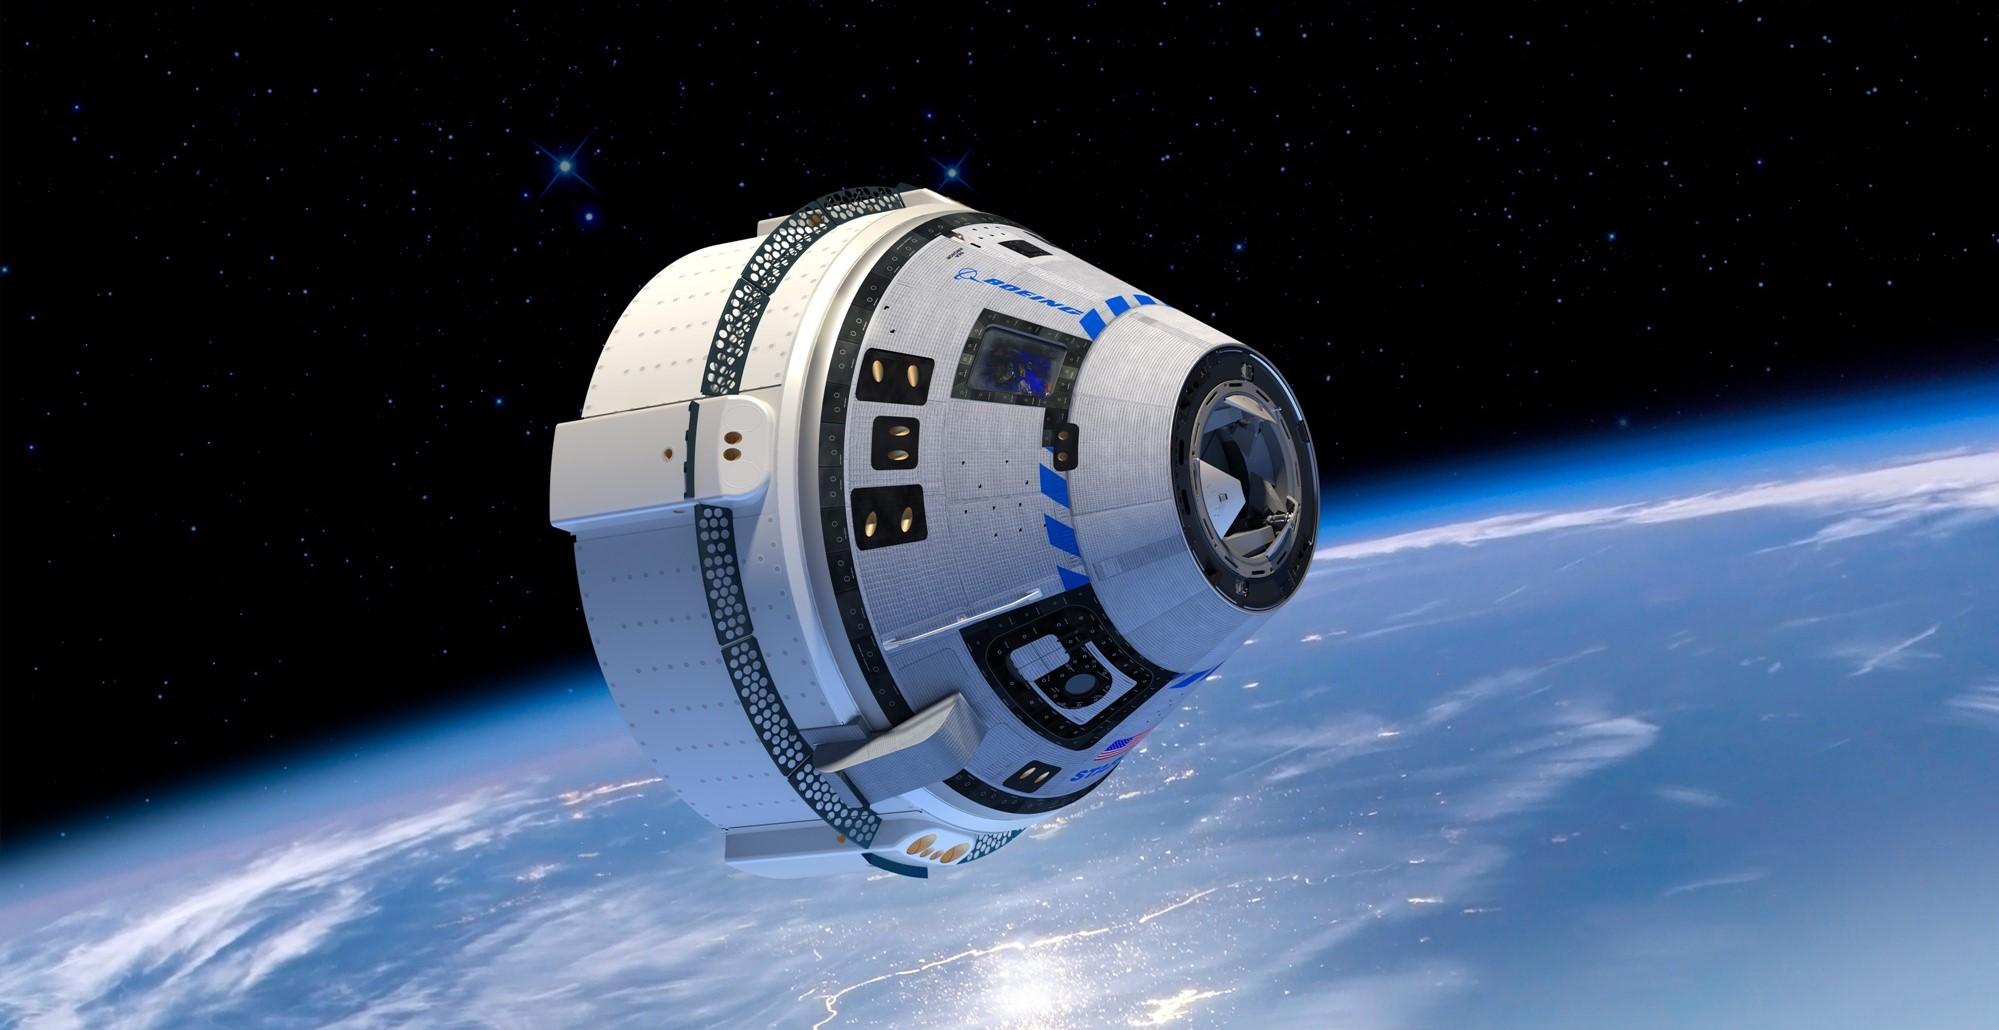 ناسا و بوئینگ تاریخ دومین پرواز آزمایشی کپسول «استارلاینر» را تغییر دادند